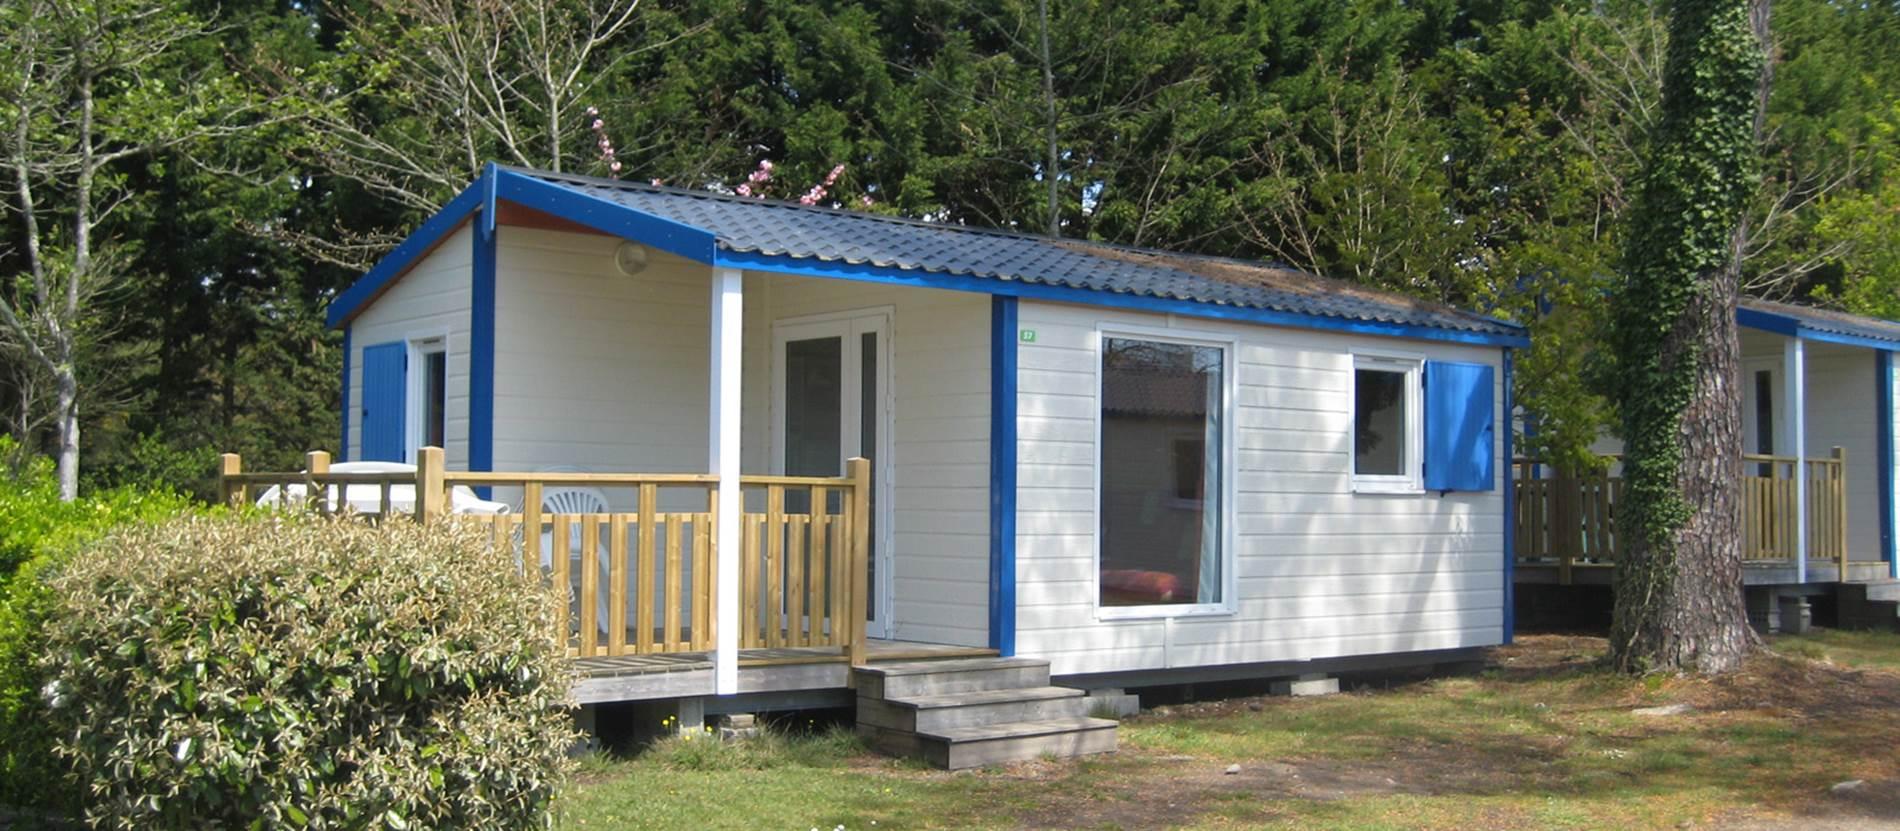 Camping-de-Pen-Palud-Ploemeur-Morbihan-Bretagne-Sud © Camping-de-Pen-Palud-Ploemeur